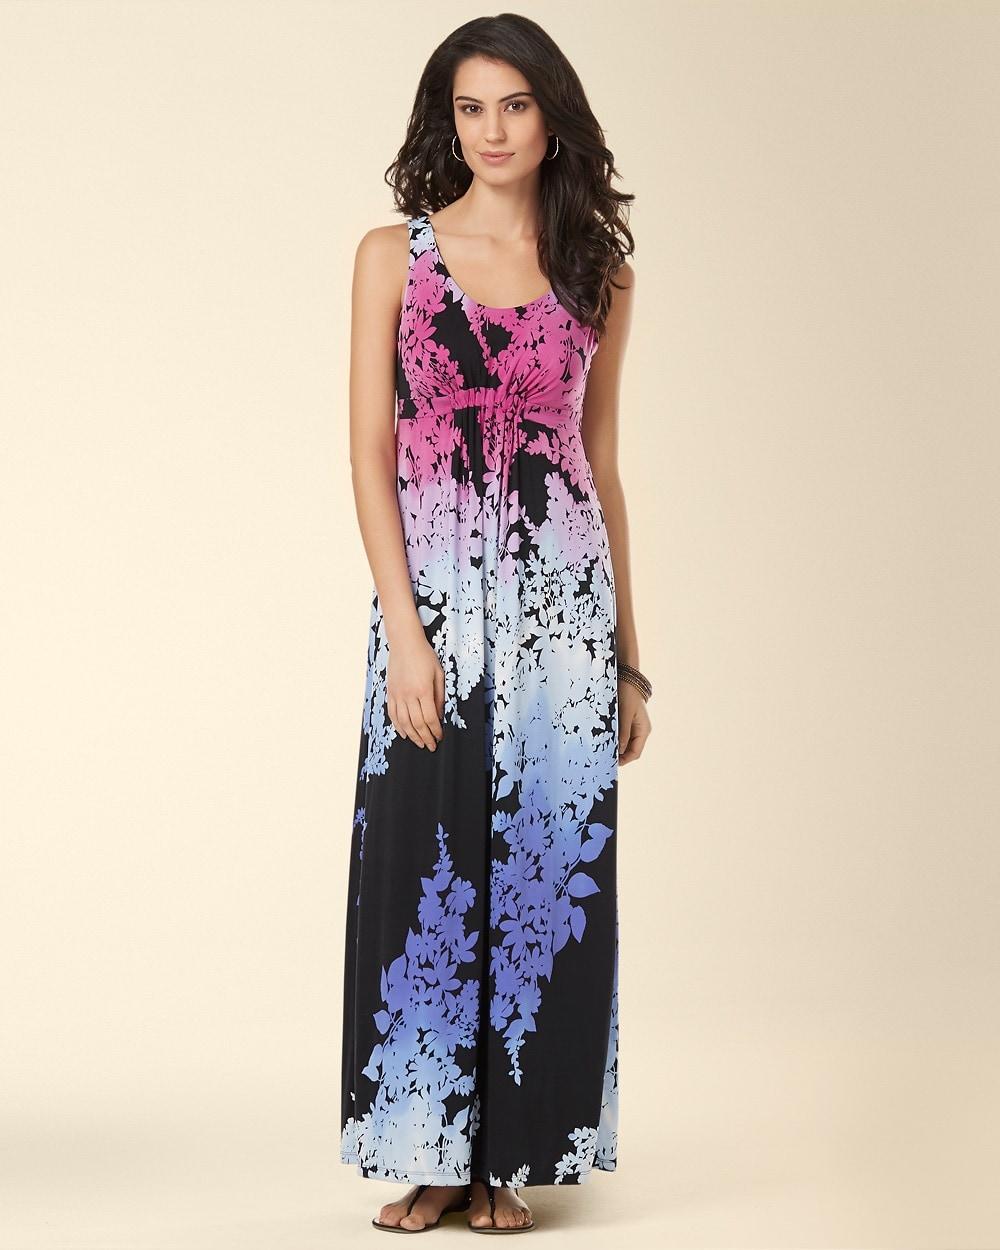 Empire cut maxi dress